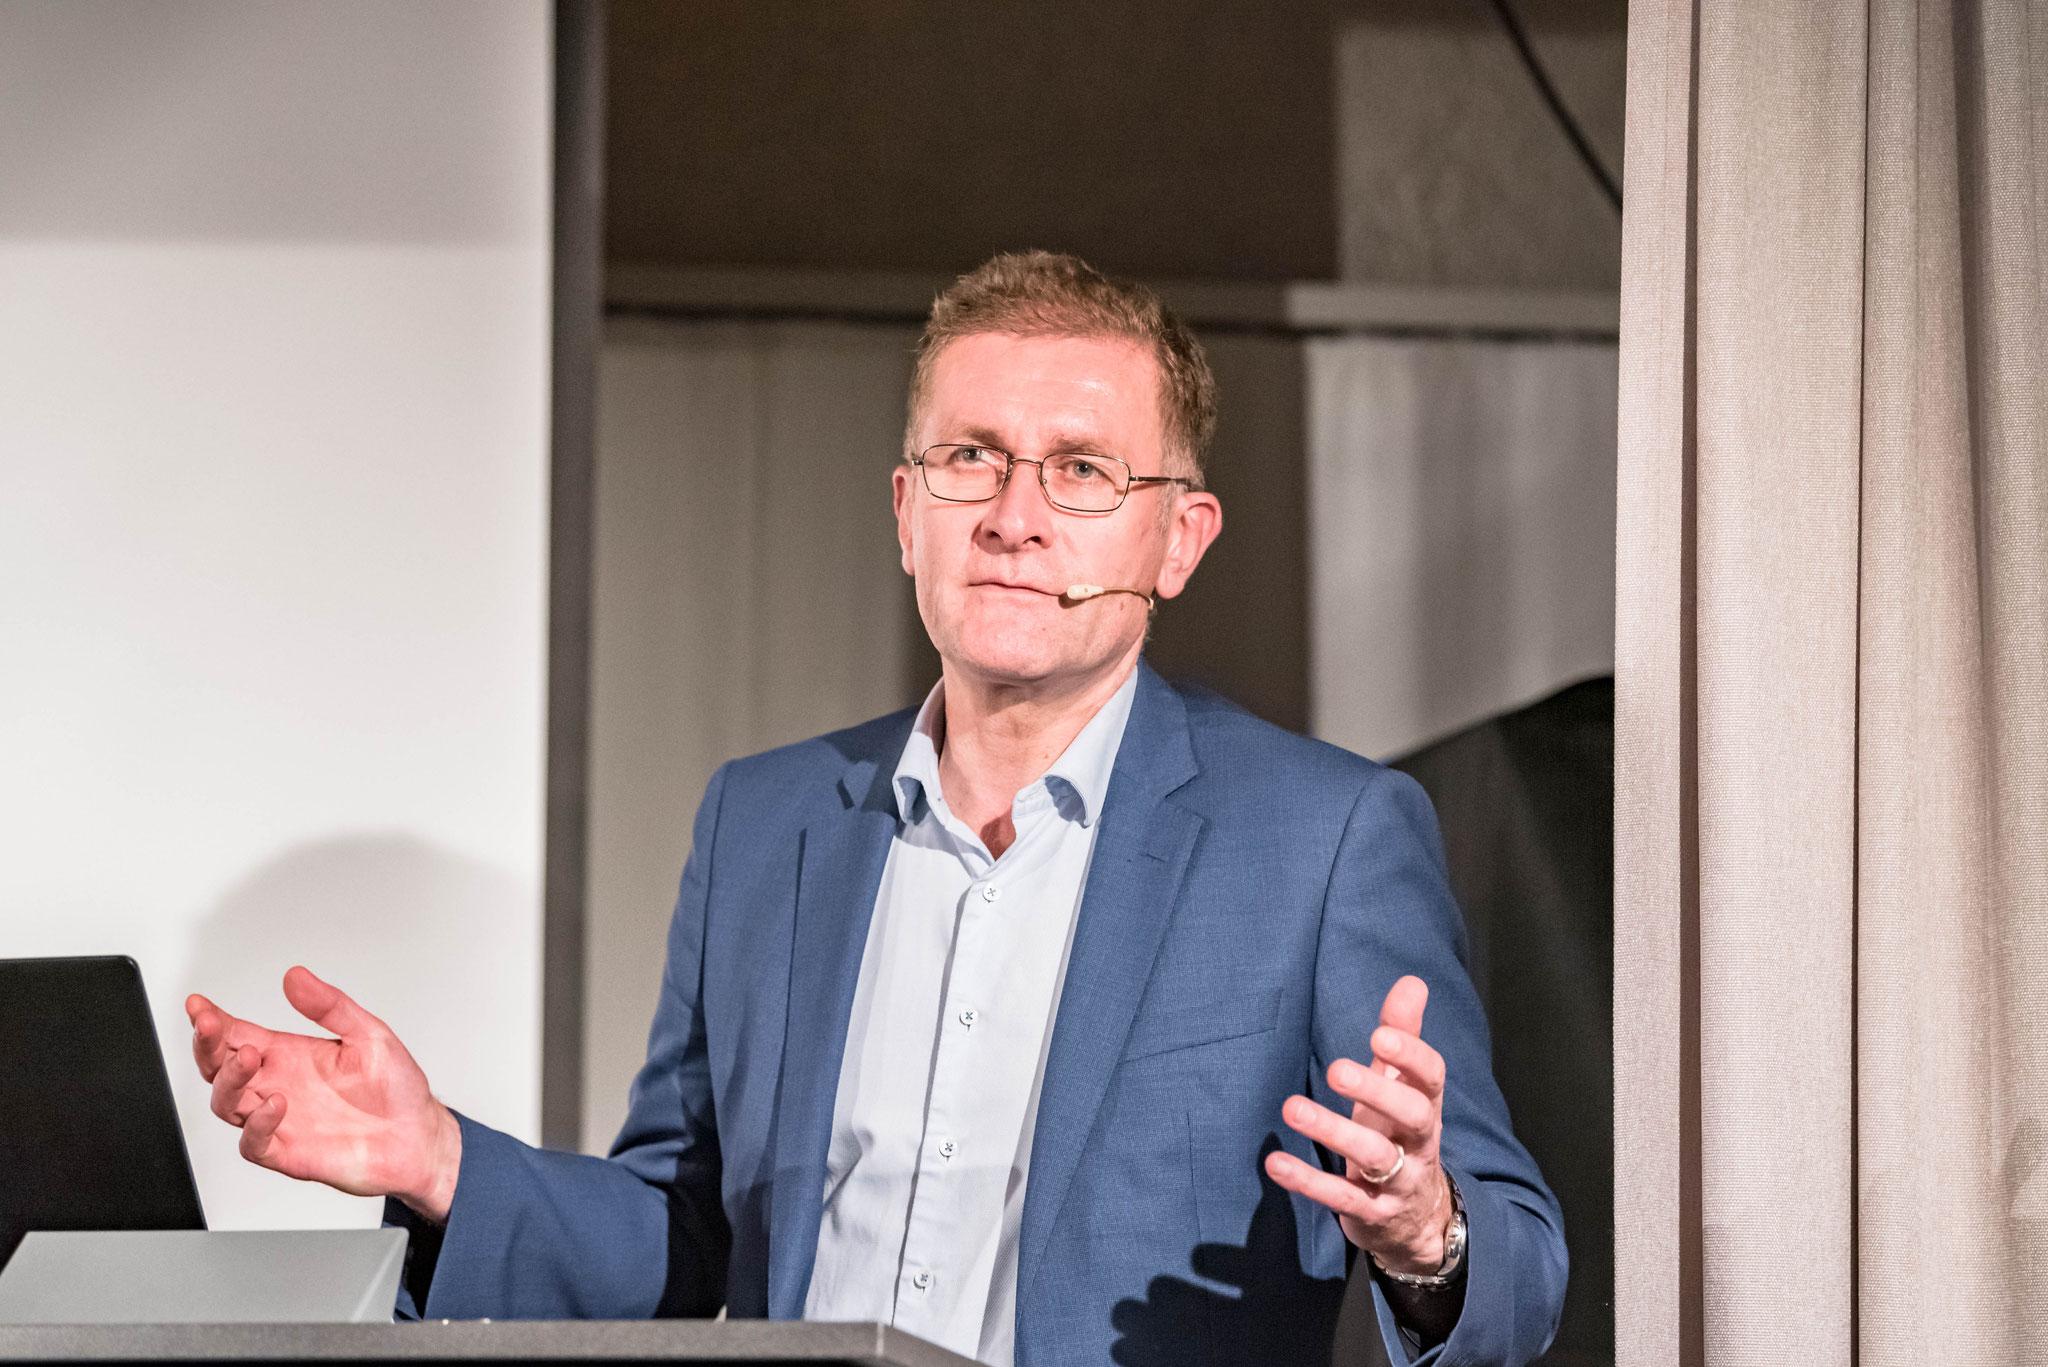 Christoph Neuhaus (Berner Regierungspräsident, ehemals Vorsteher Justiz-, Gemeinde- und Kirchendirektion)